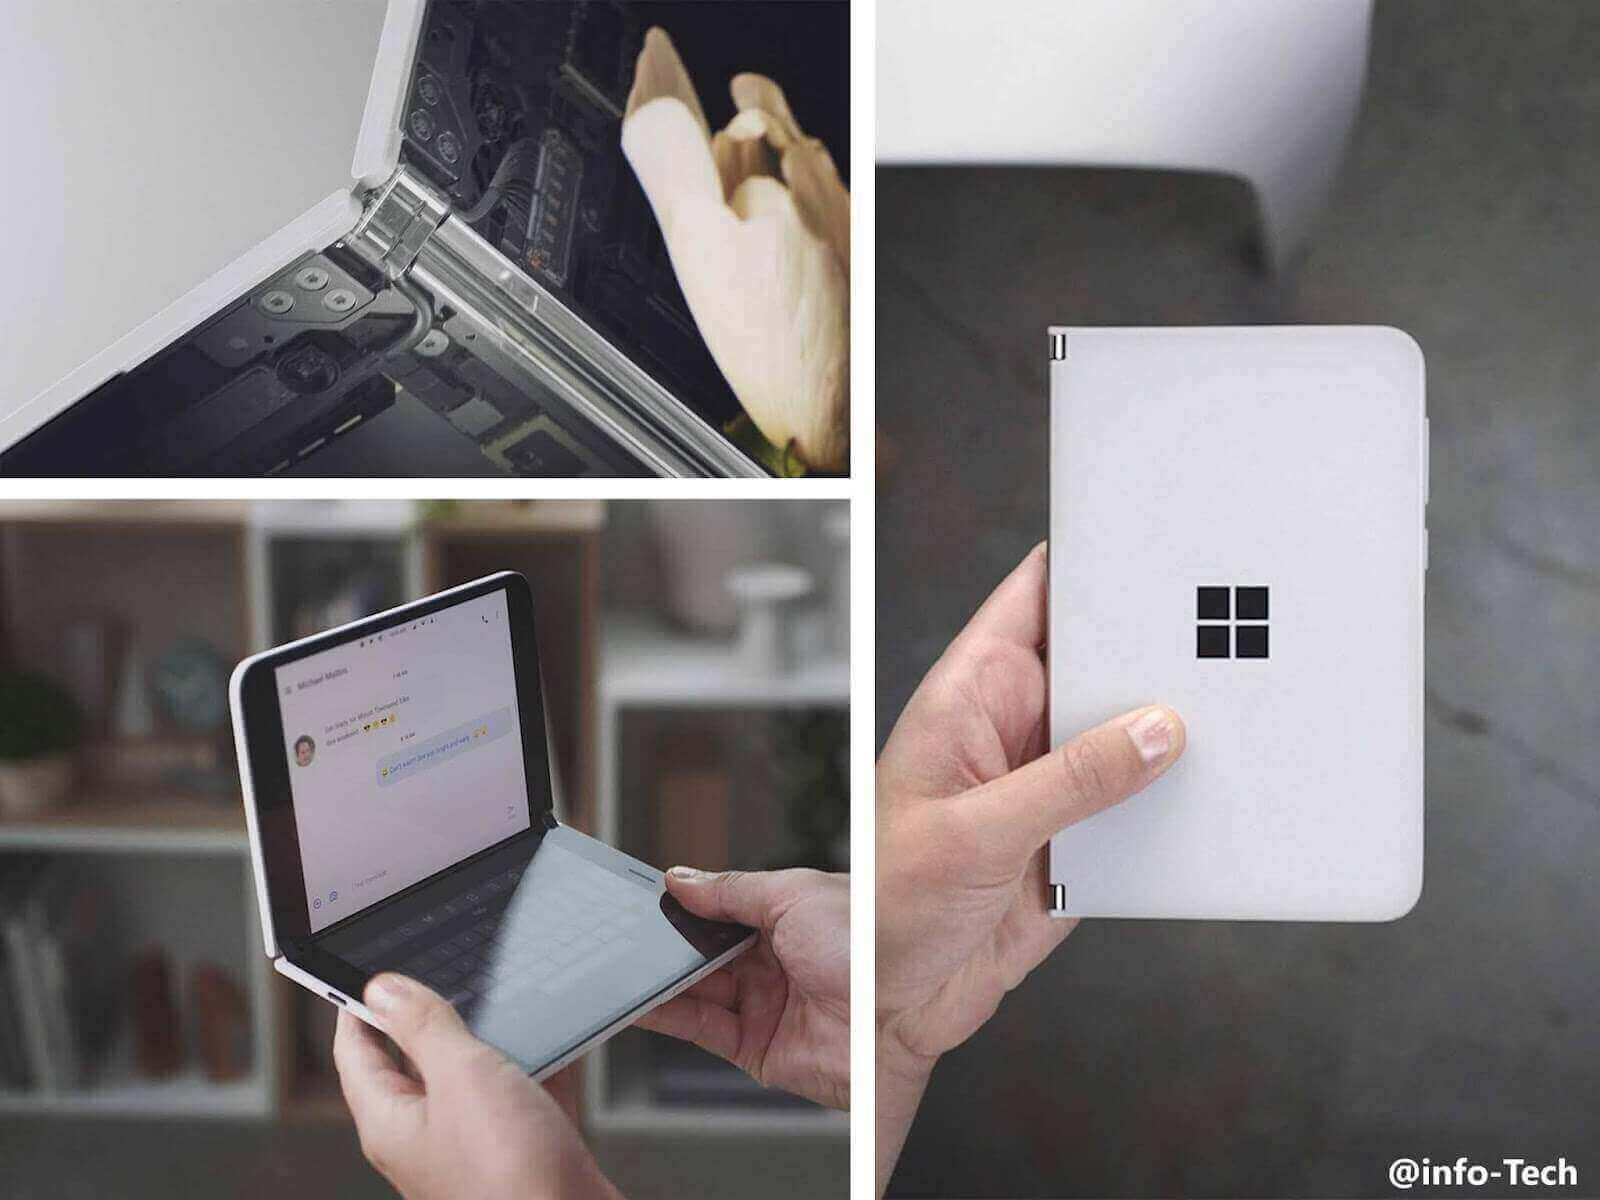 مايكروسوفت تكشف عن هاتفها الجديد القابل للطي Surface Duo